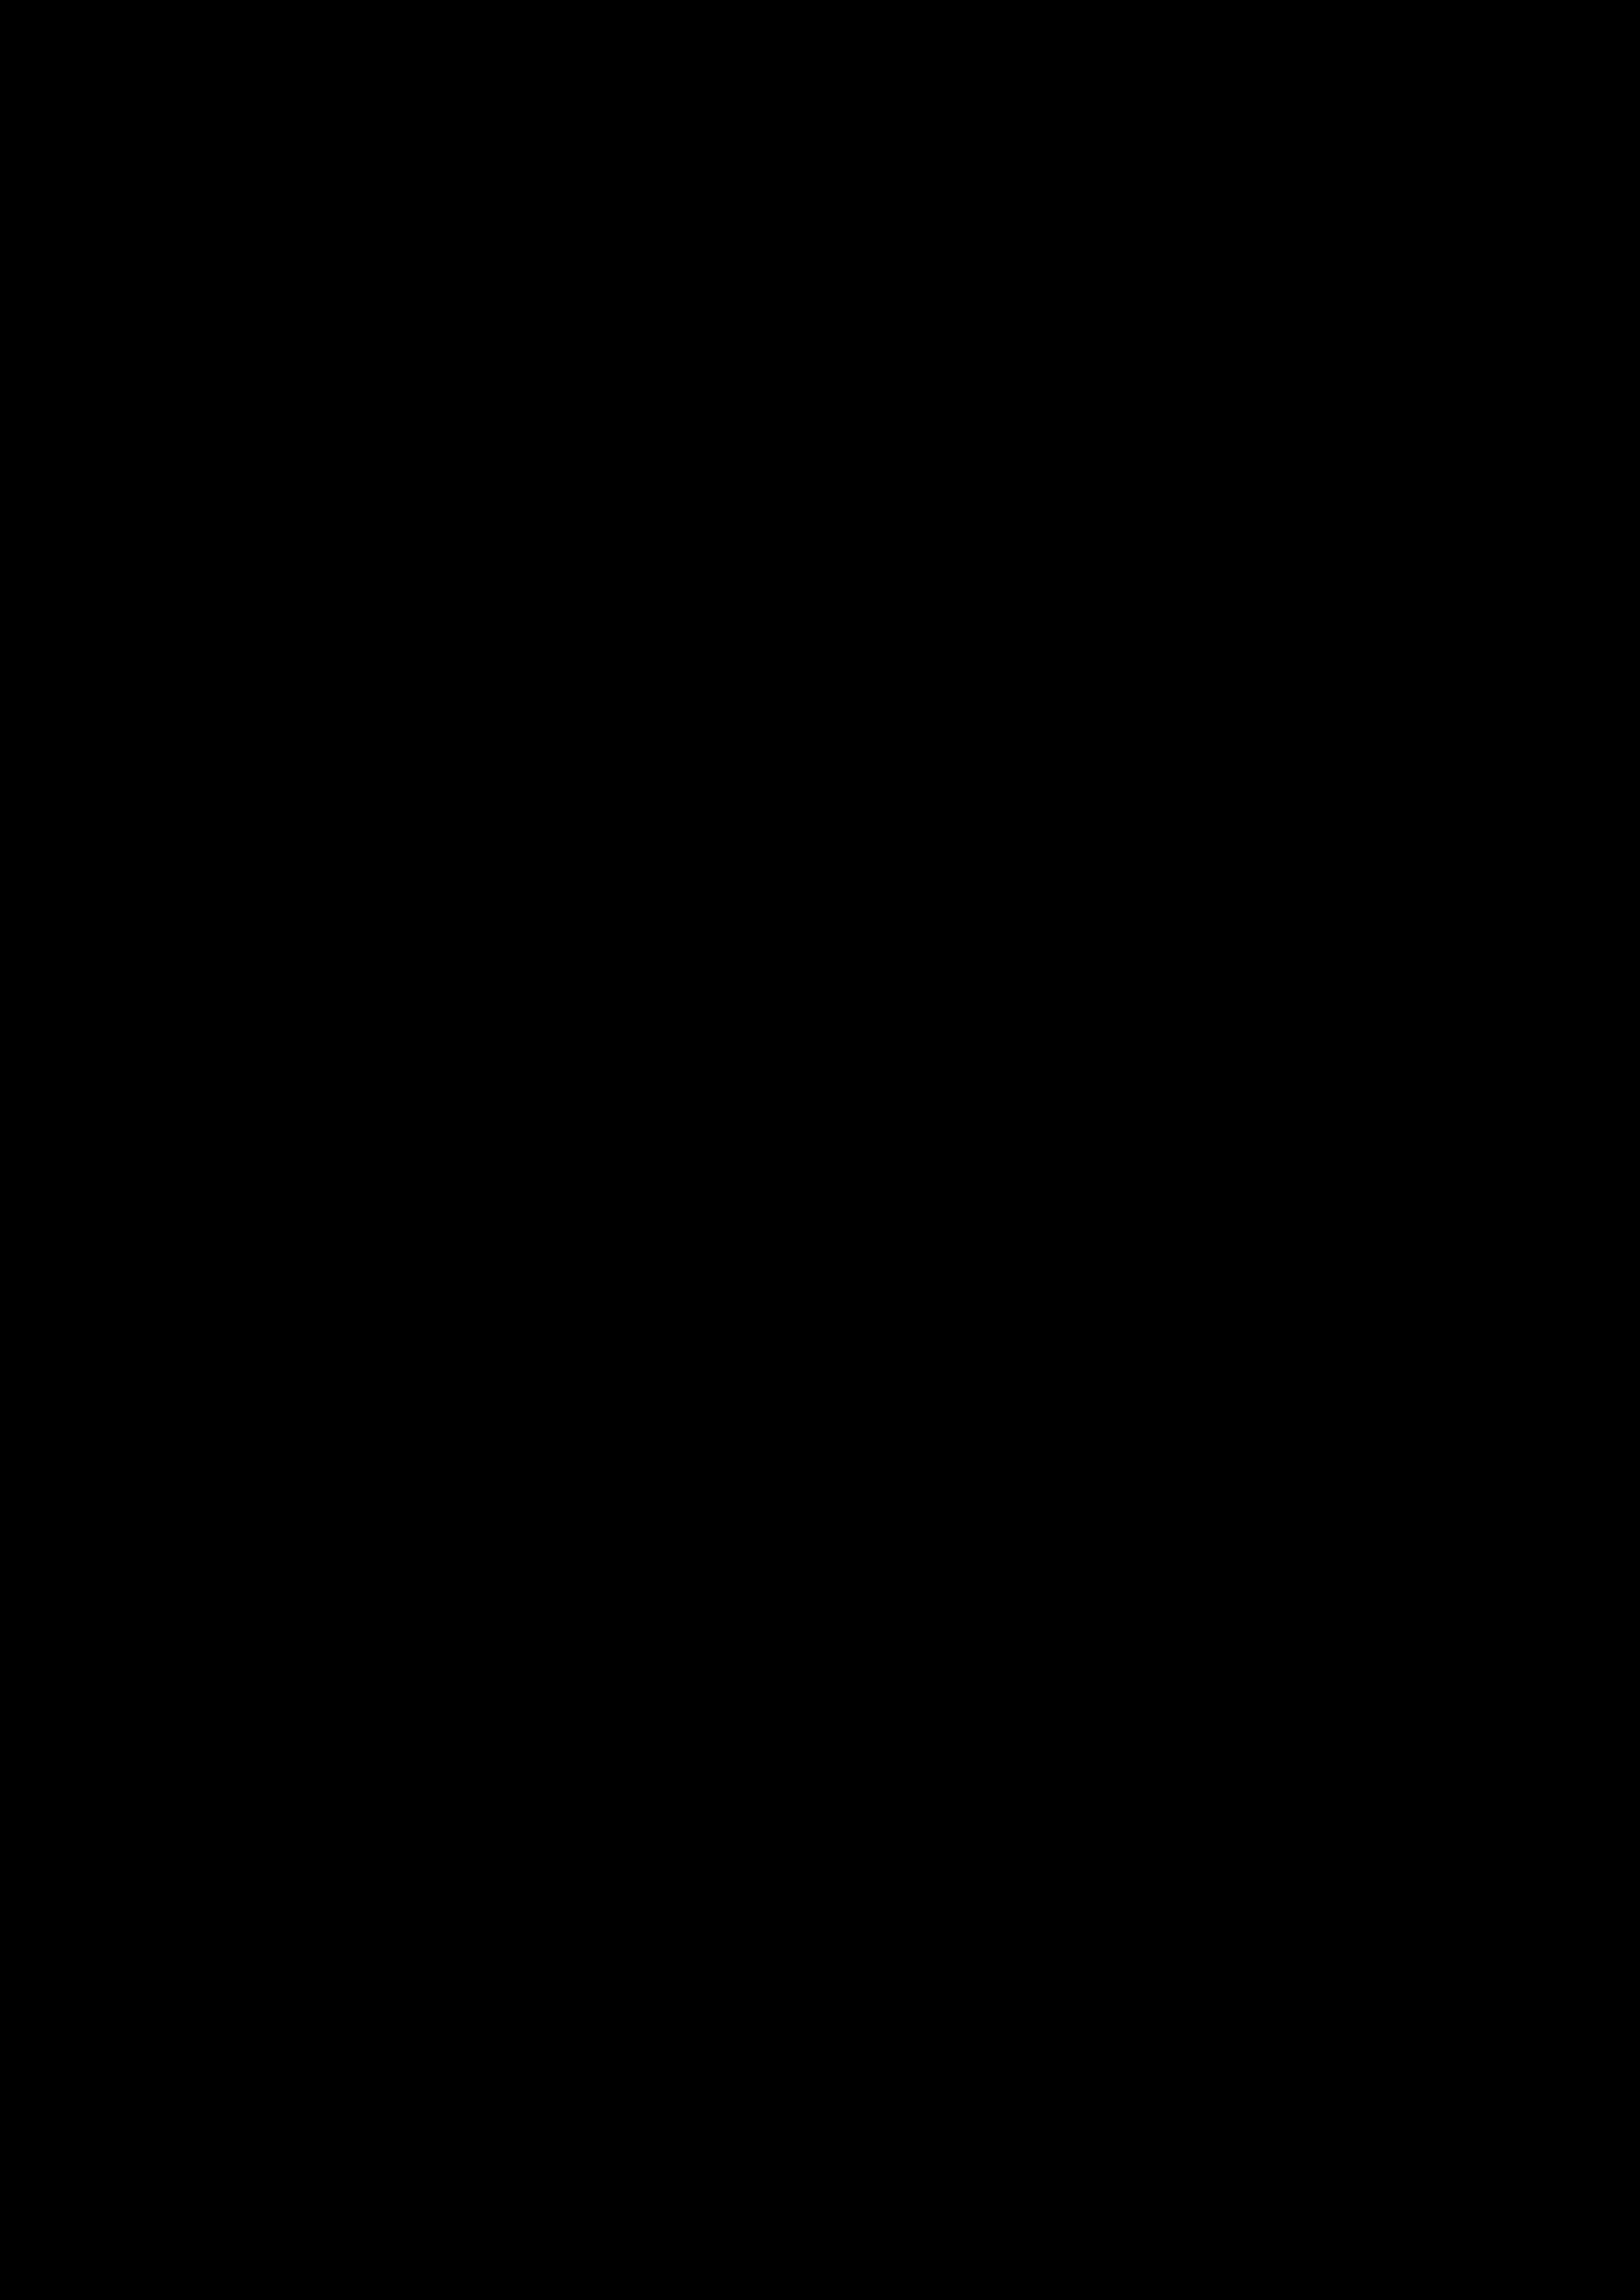 PRODUCCIÓN ECOLÓGICA, MITIGACIÓN DEL CAMBIO CLIMÁTICO Y MÁS